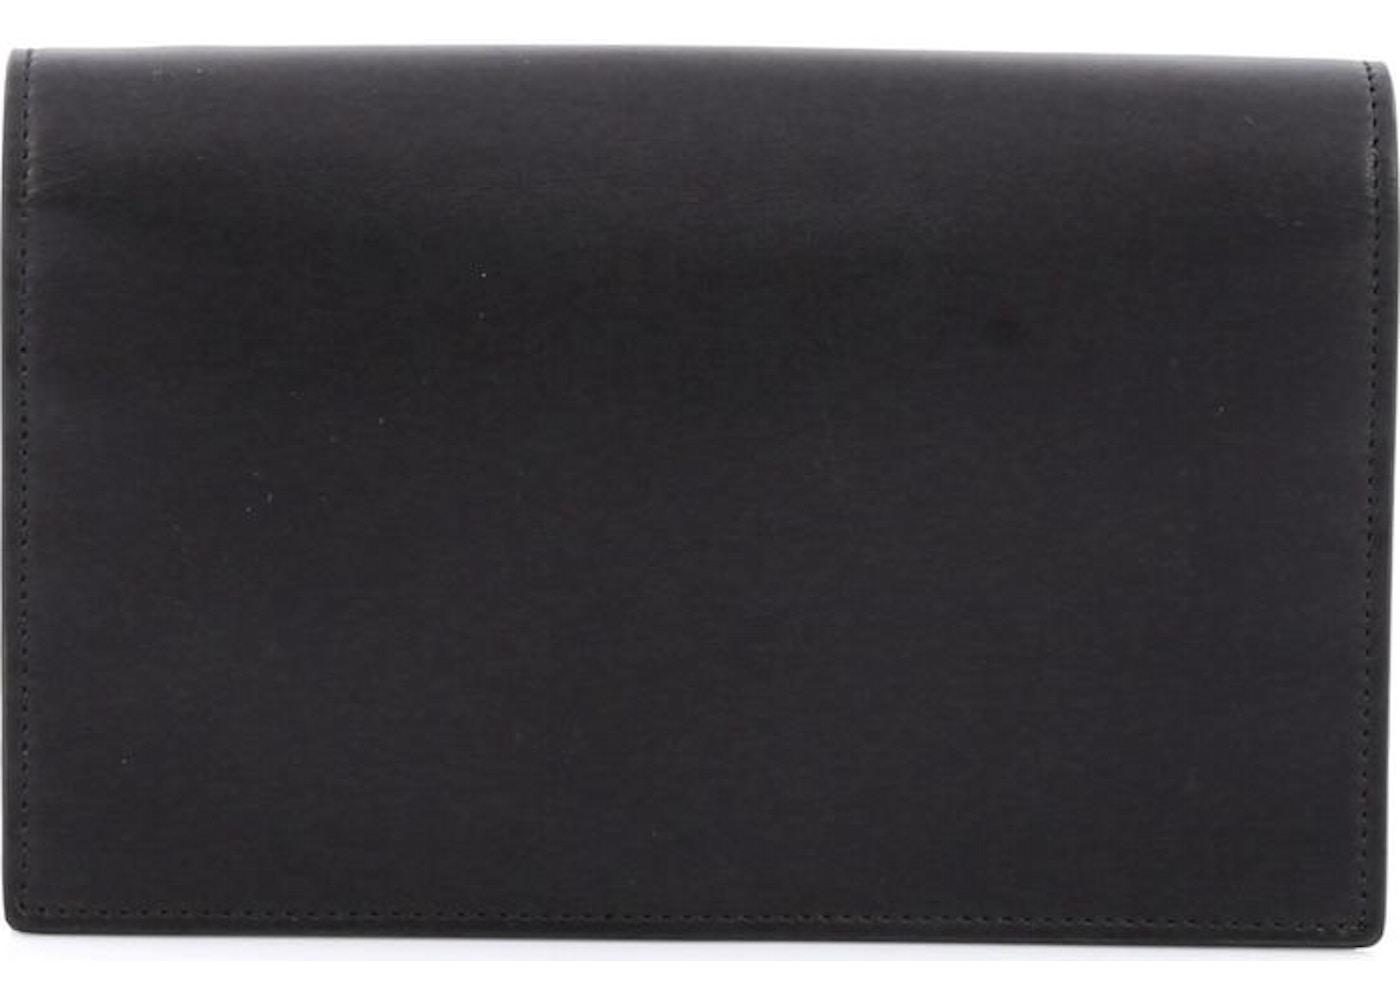 72dec6100 Gucci Xl Shoulder Chain Bag Mini Black